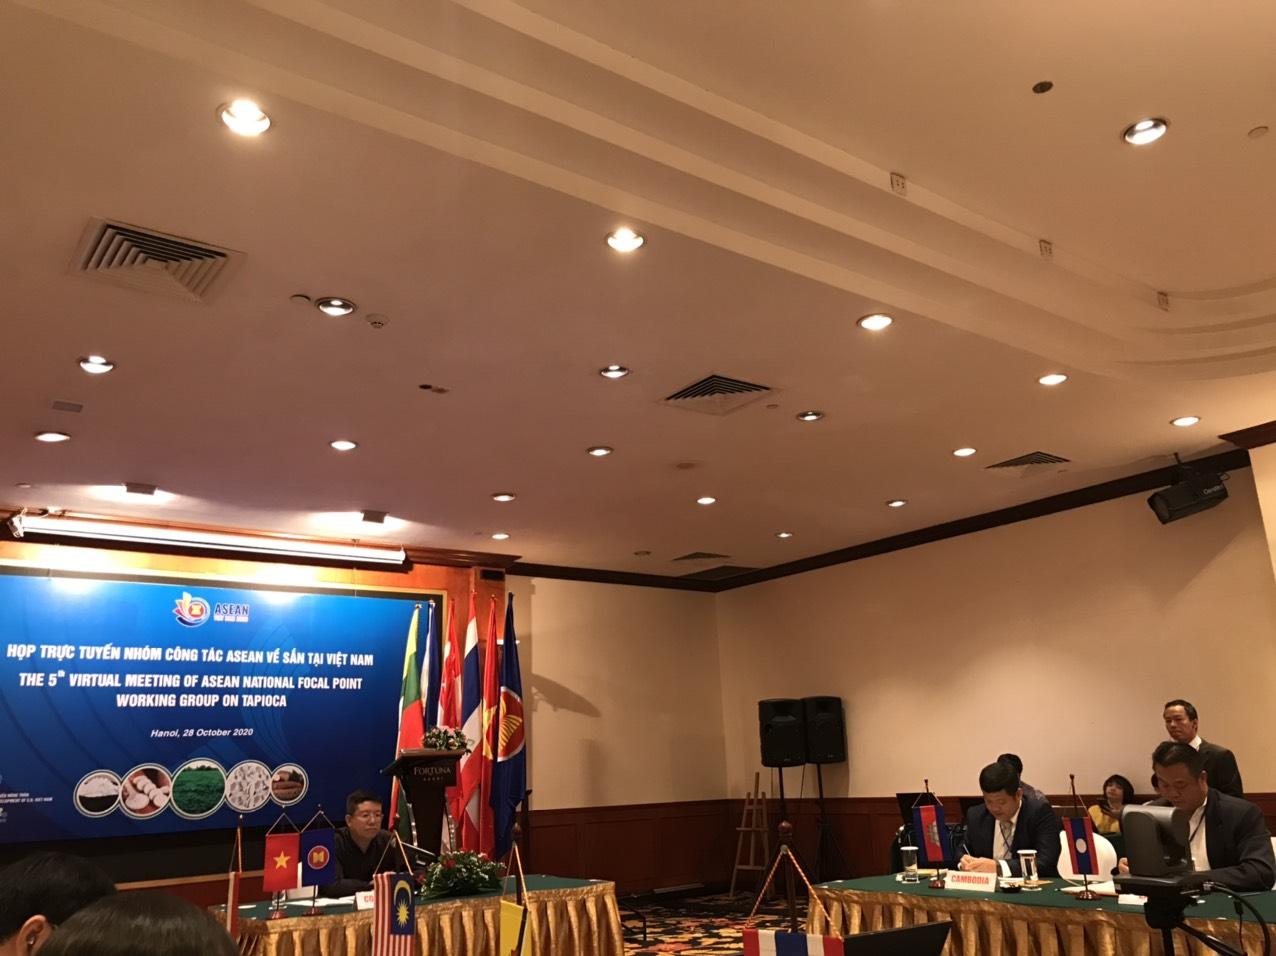 HỘI NGHỊ ASEAN (NHÓM CÔNG TÁC SẮN) LẦN THỨ 5 TẠI HÀ NỘI